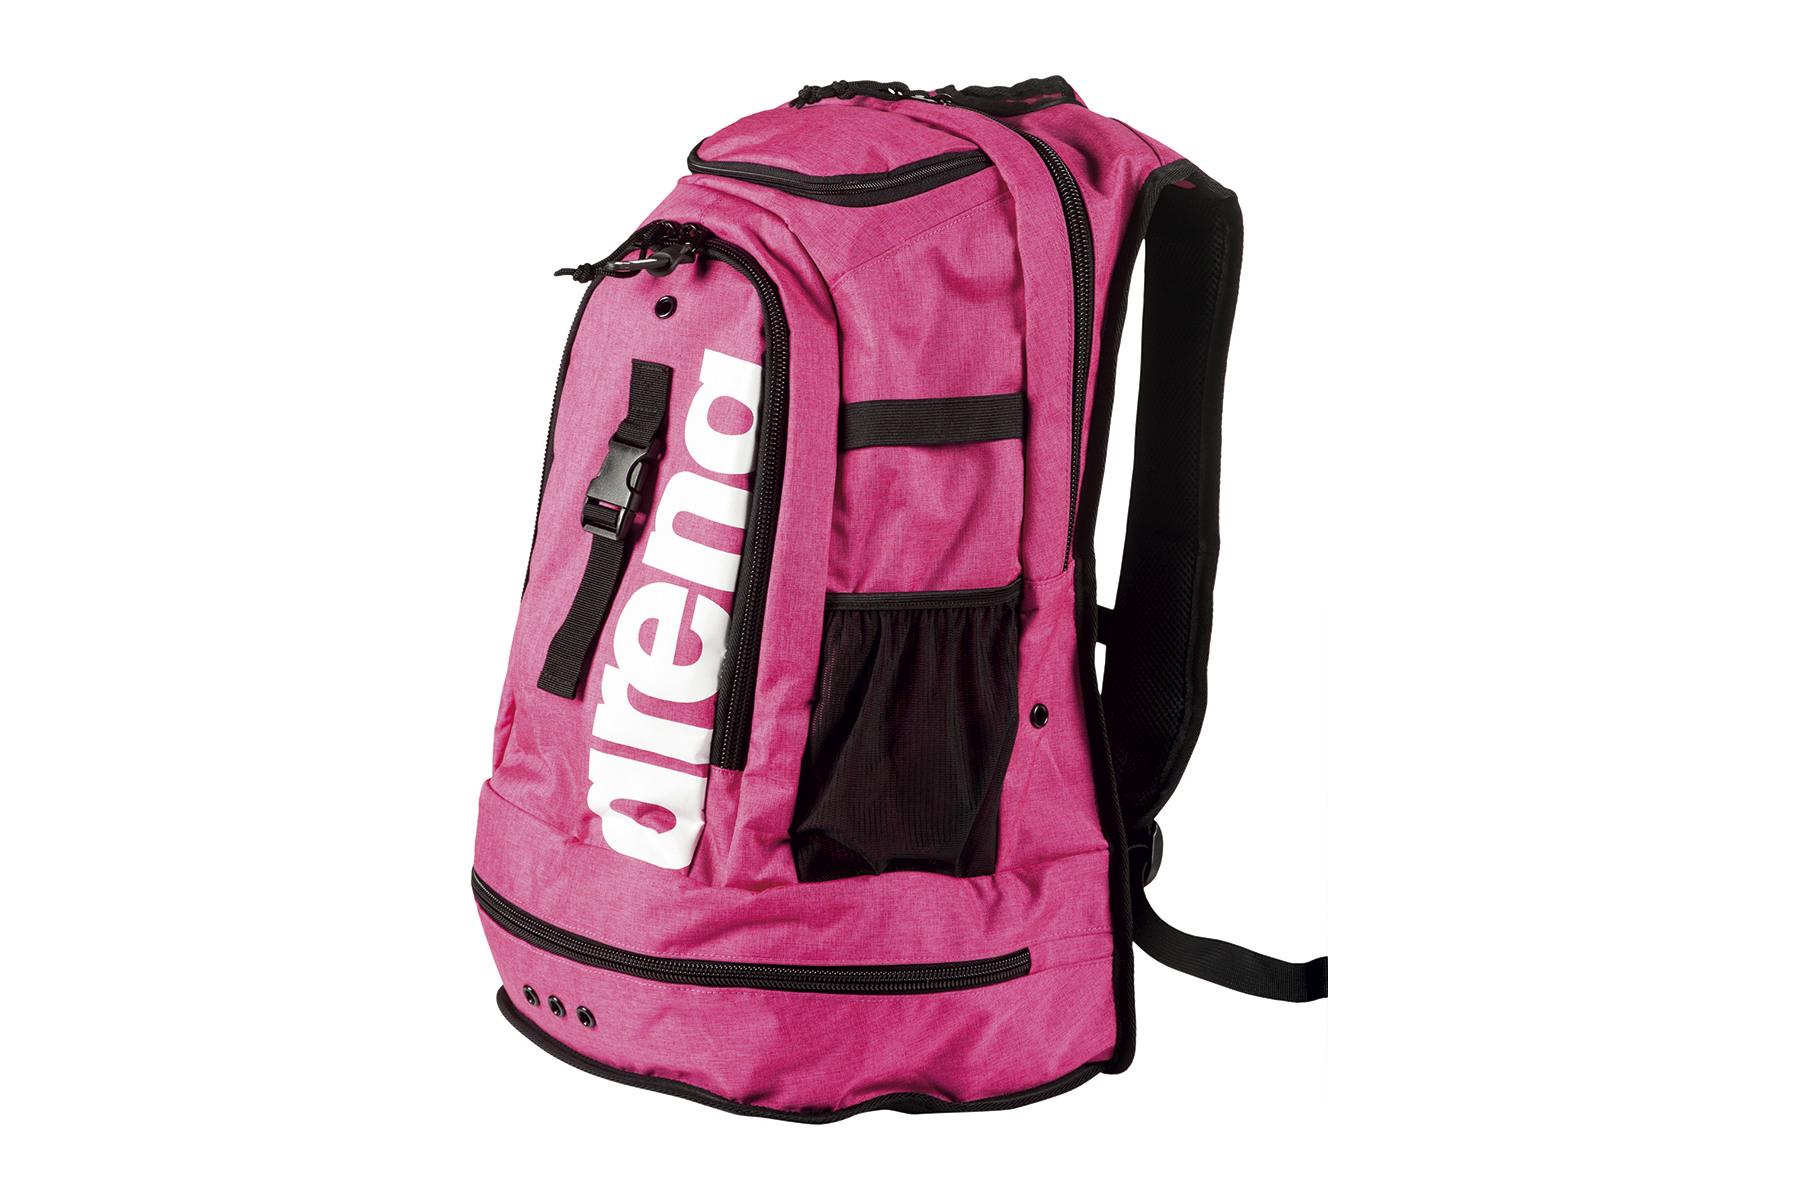 Image of Arena Fastpack 2.2 Rucksack pink